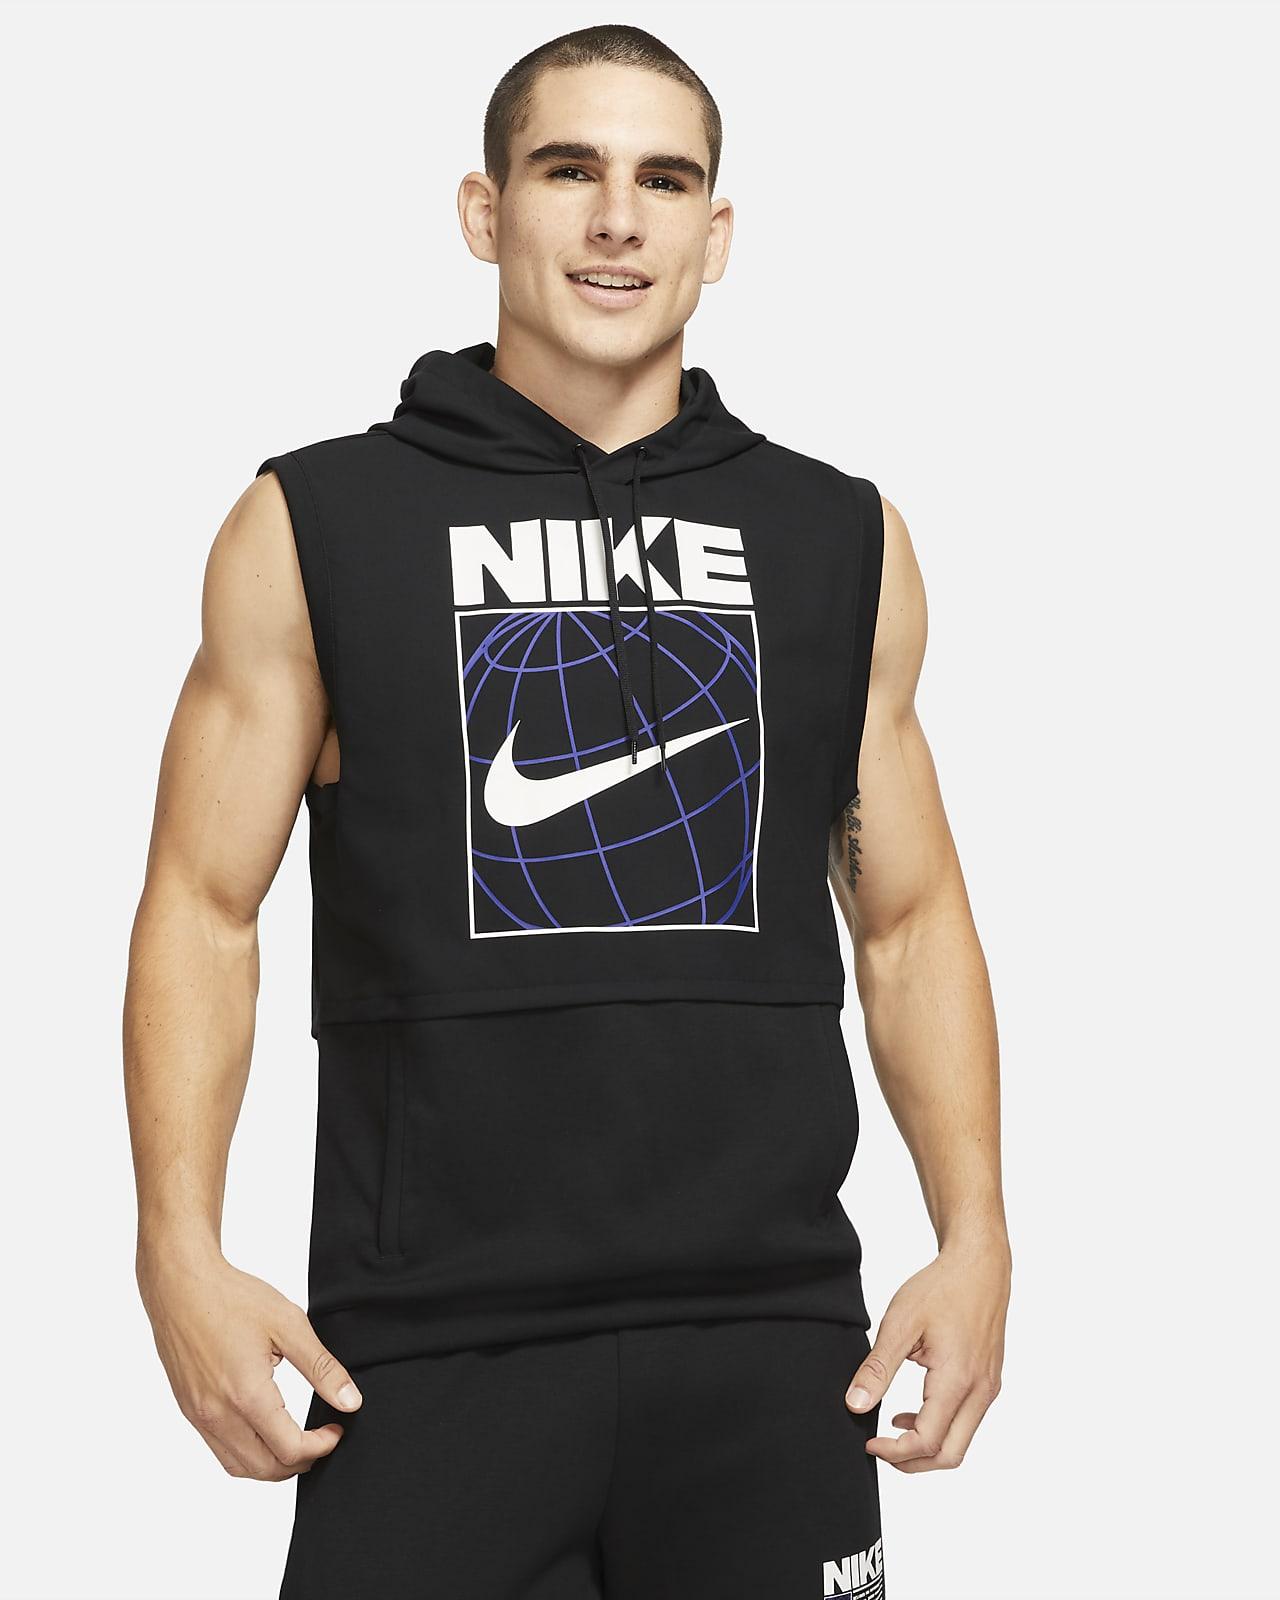 Nike Dri-FIT ärmelloser Trainings-Hoodie mit Grafik für Herren